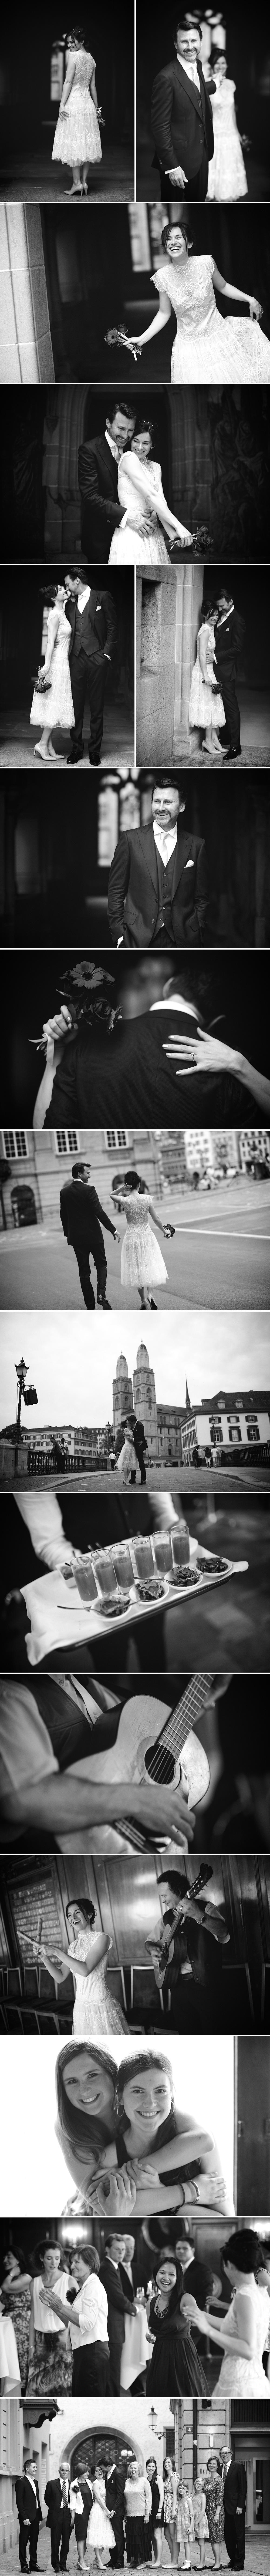 wedding in black and white_Zurich